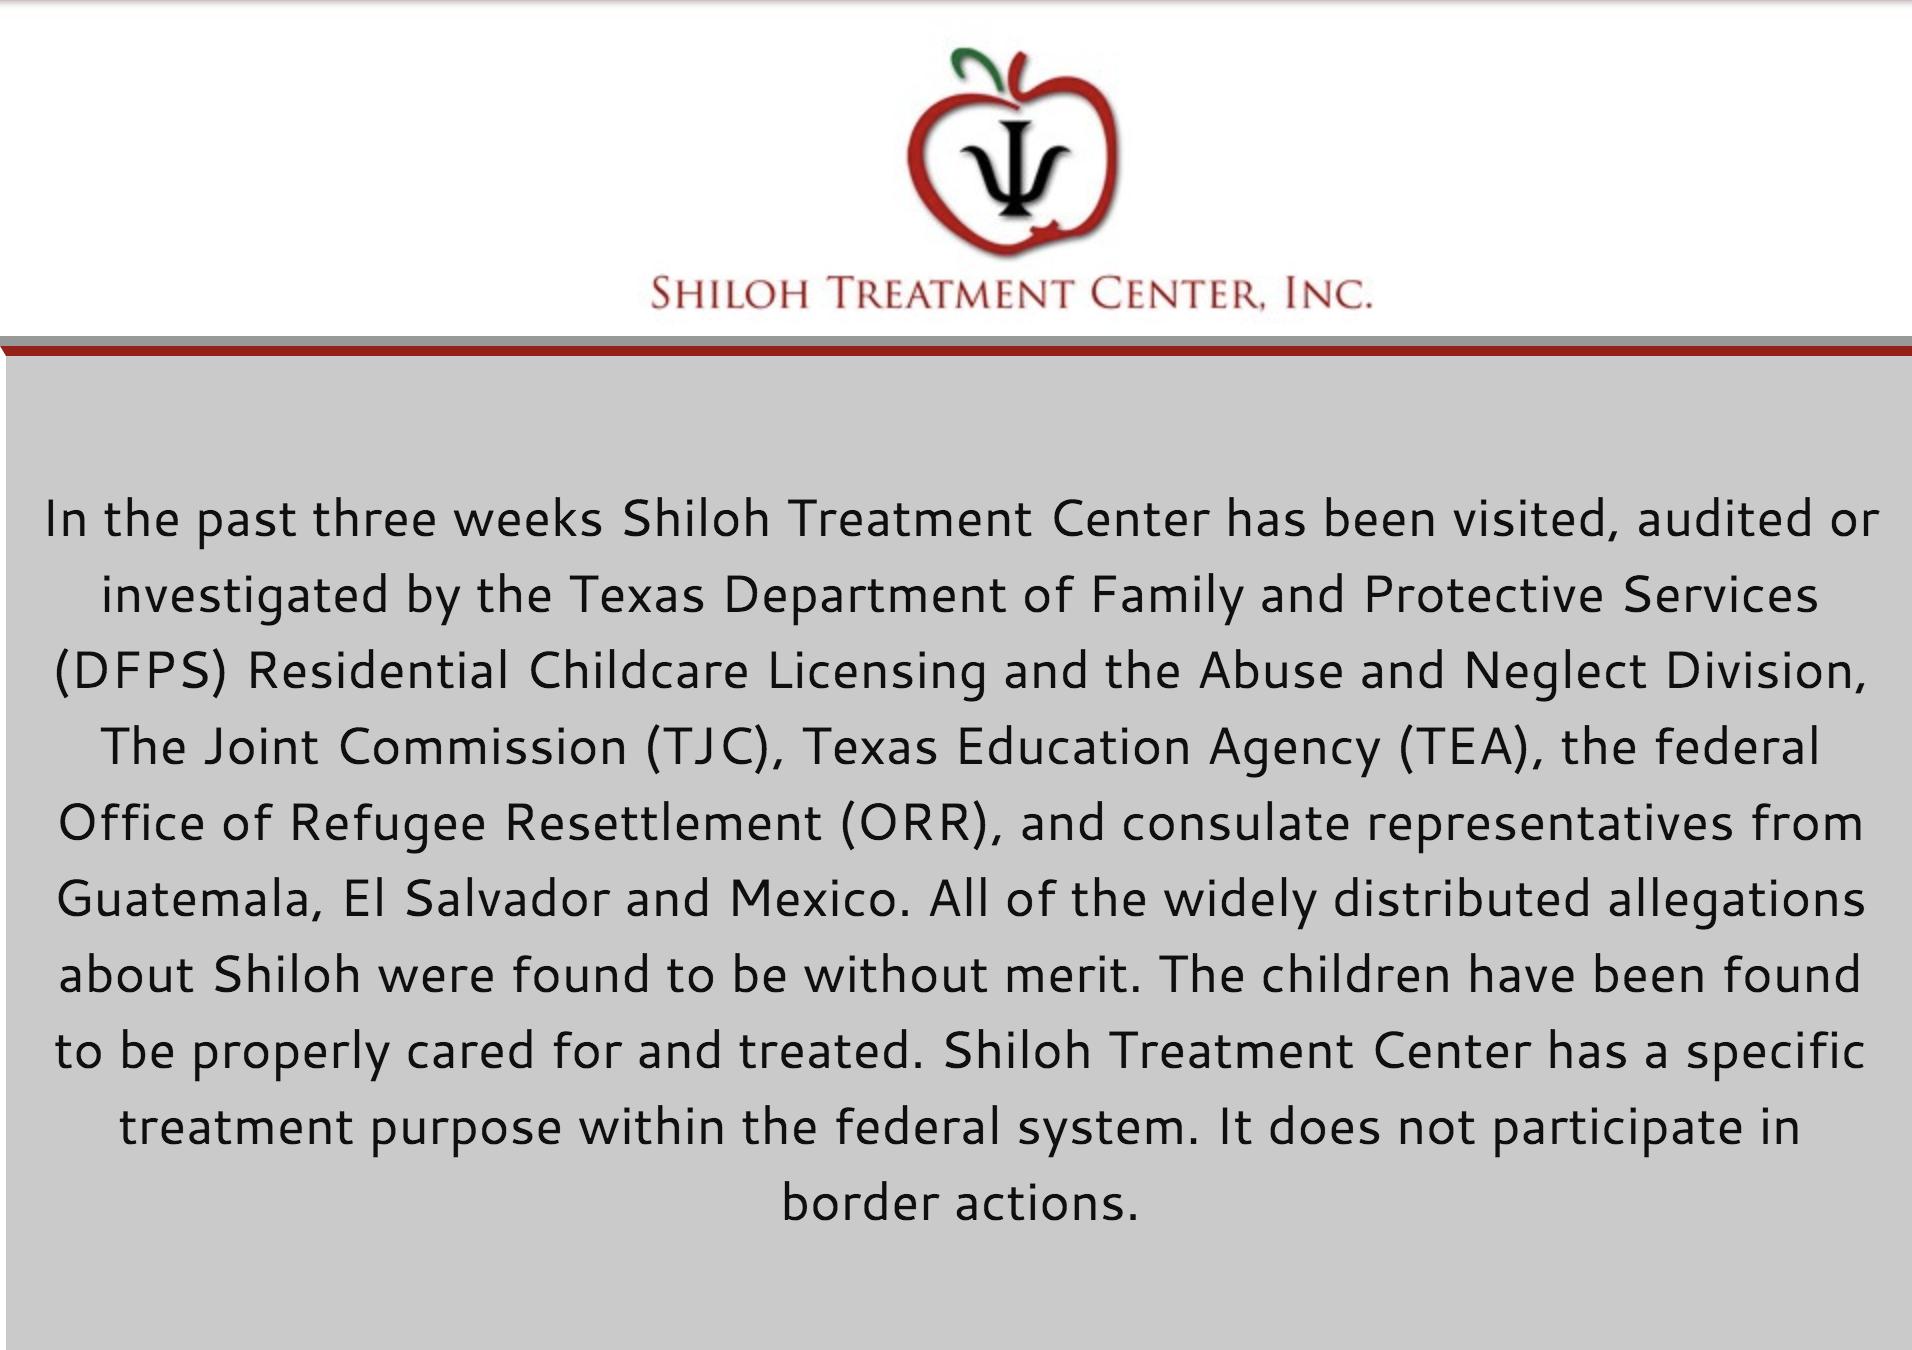 El centro Shiloh publicó este comunicado en su página web asegurando que los niños ¨son tratados y atendidos adecuadamente¨.